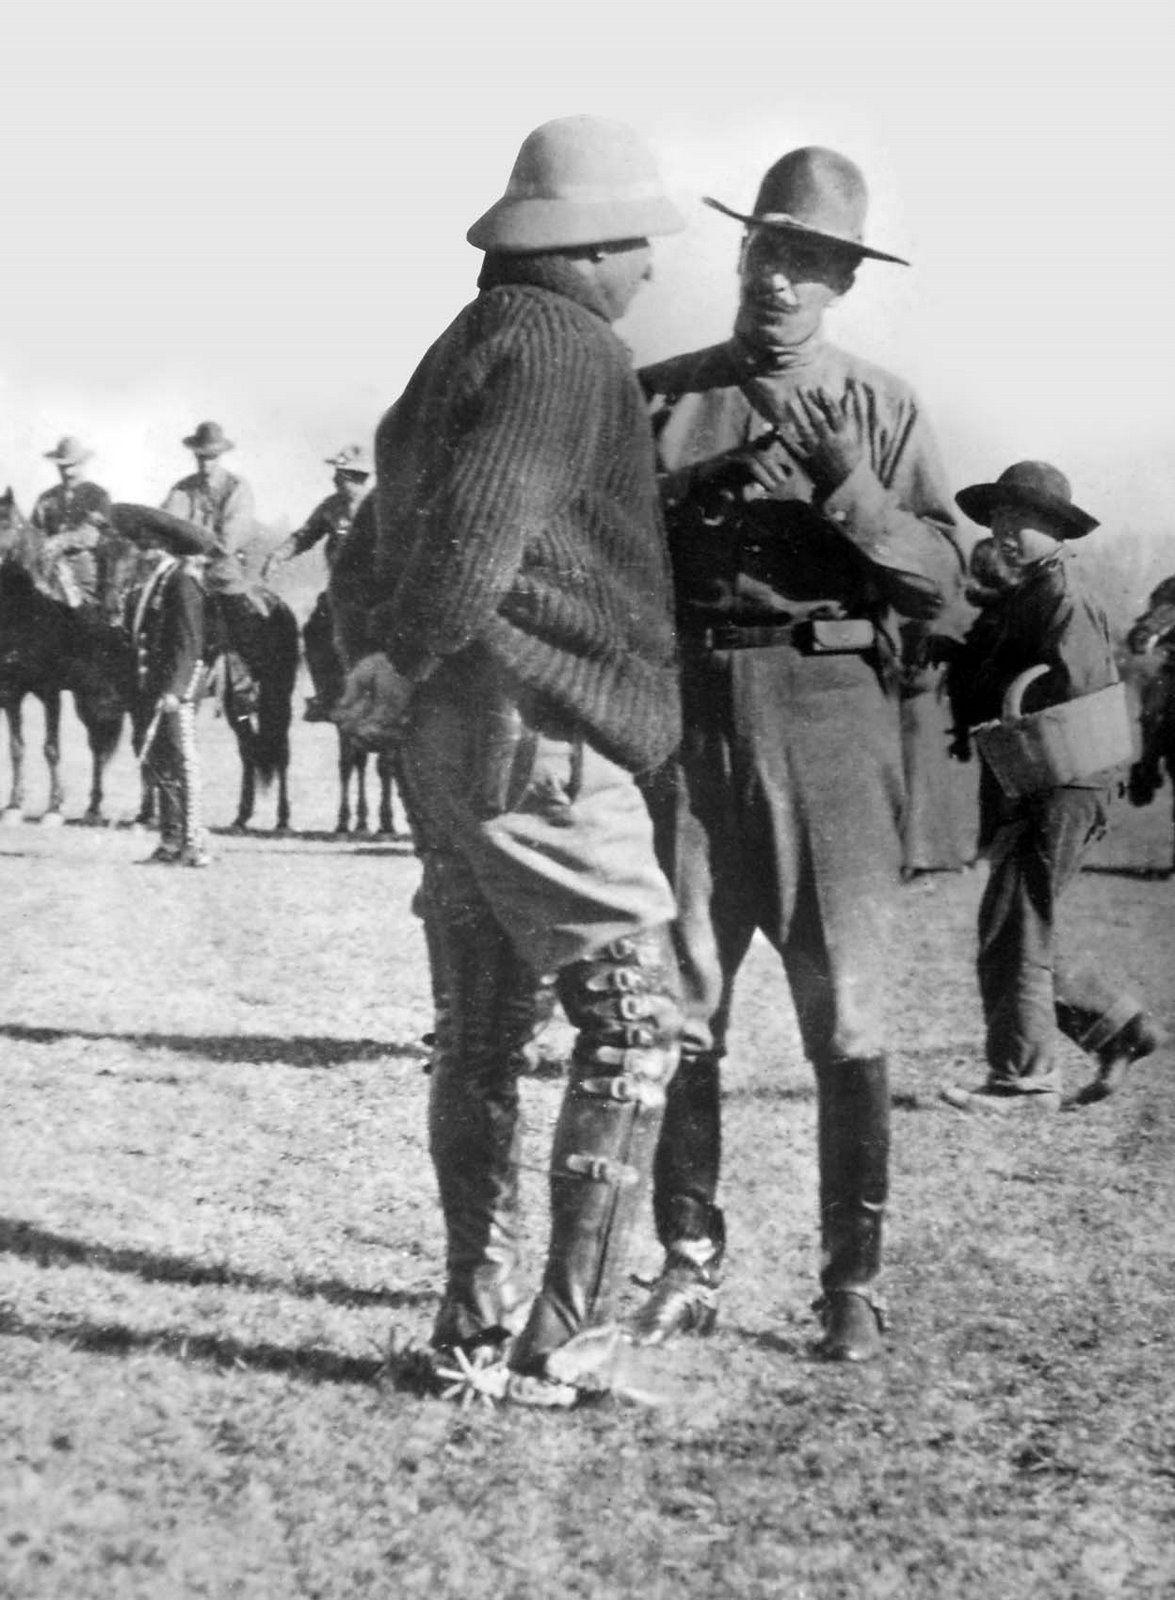 Pancho Villa y Felipe Angeles Mexico D.F 1914 Citar y responder